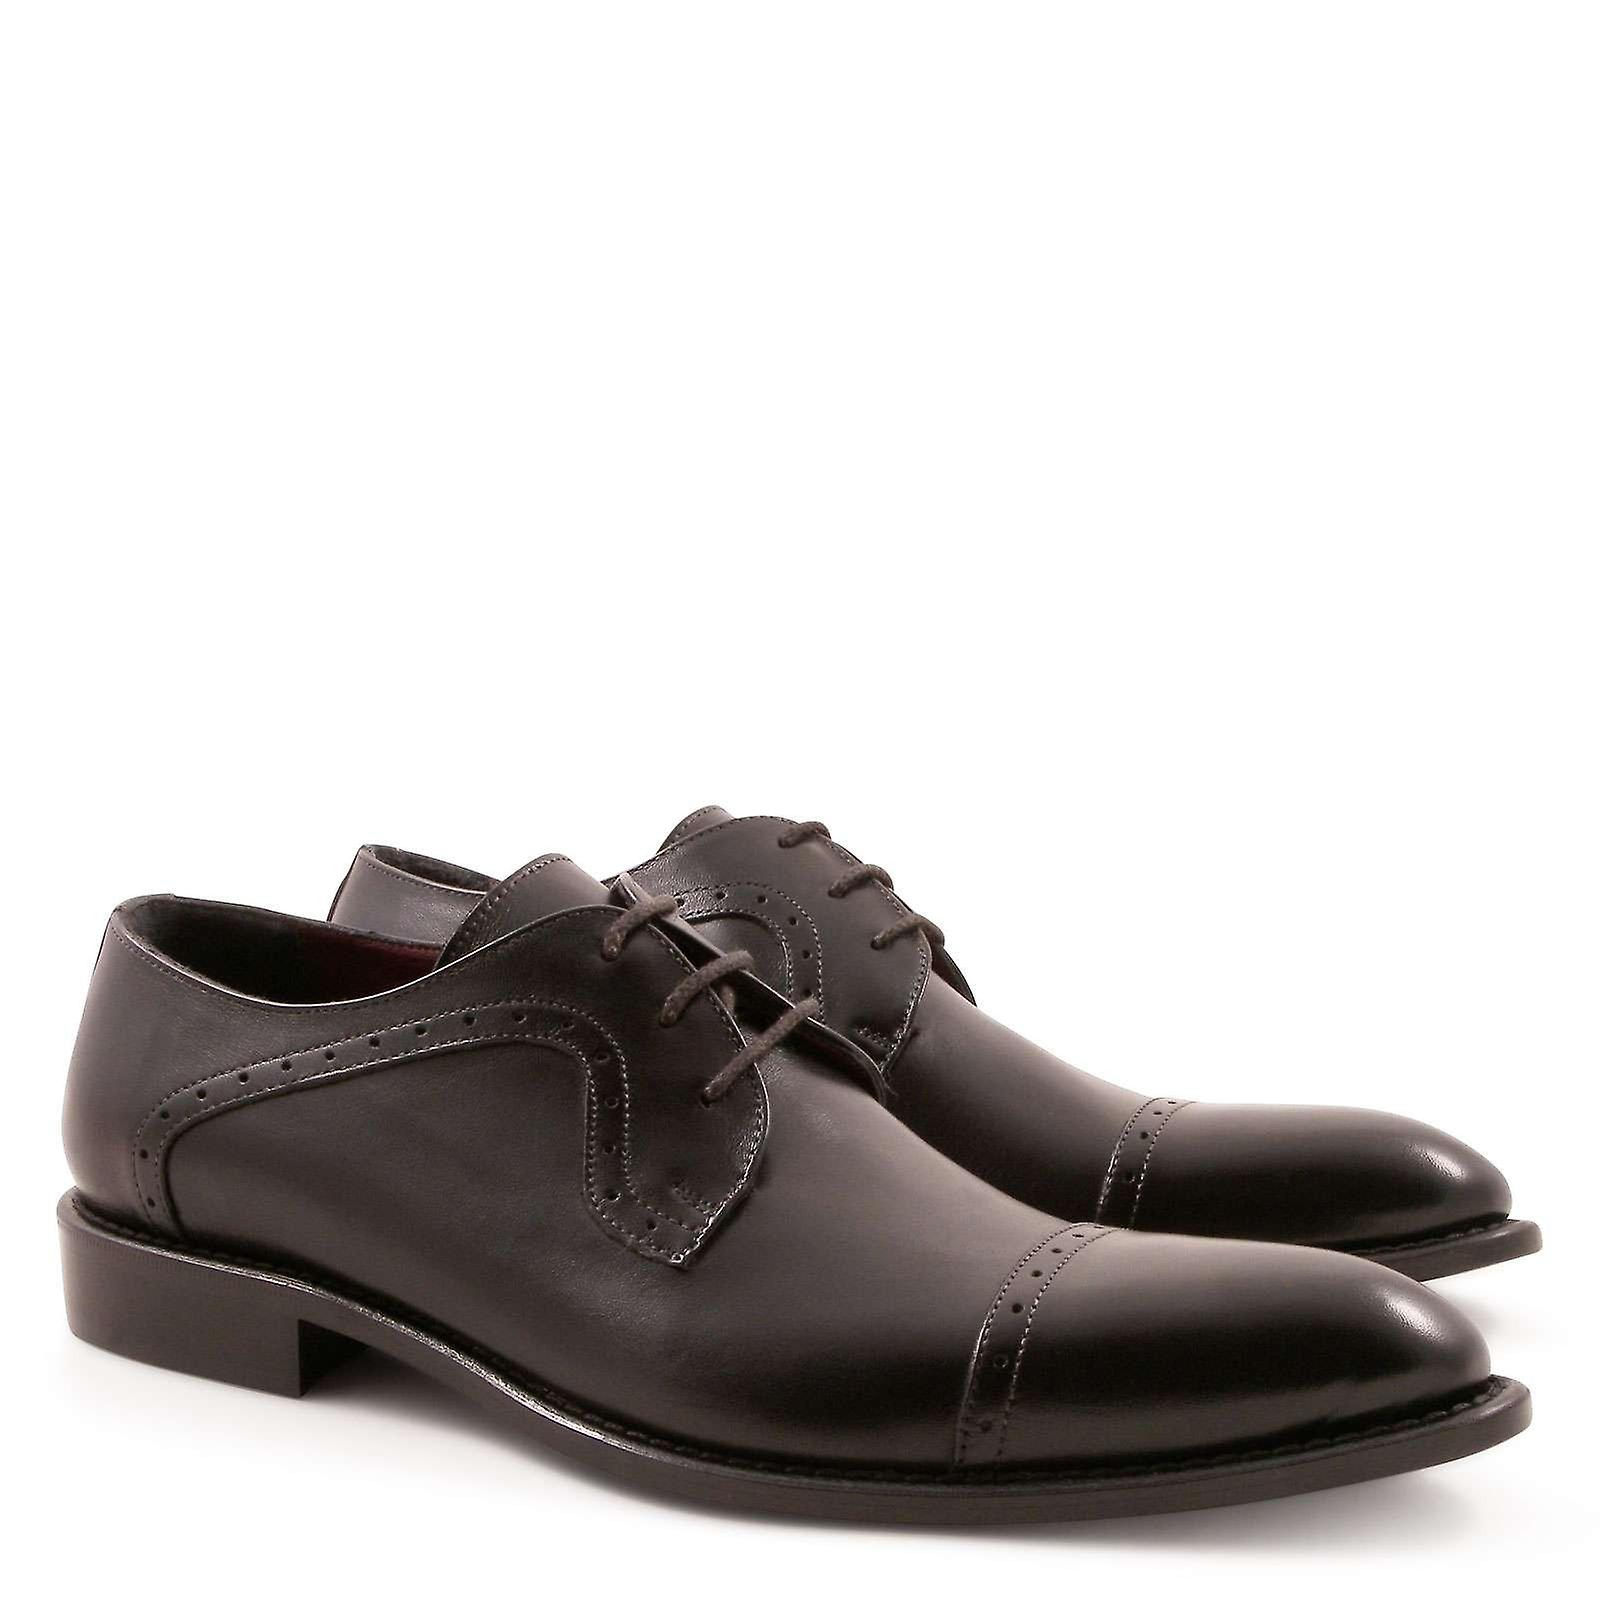 Handmade toe black plain cap toe Handmade blucher shoes for men 0c7b40